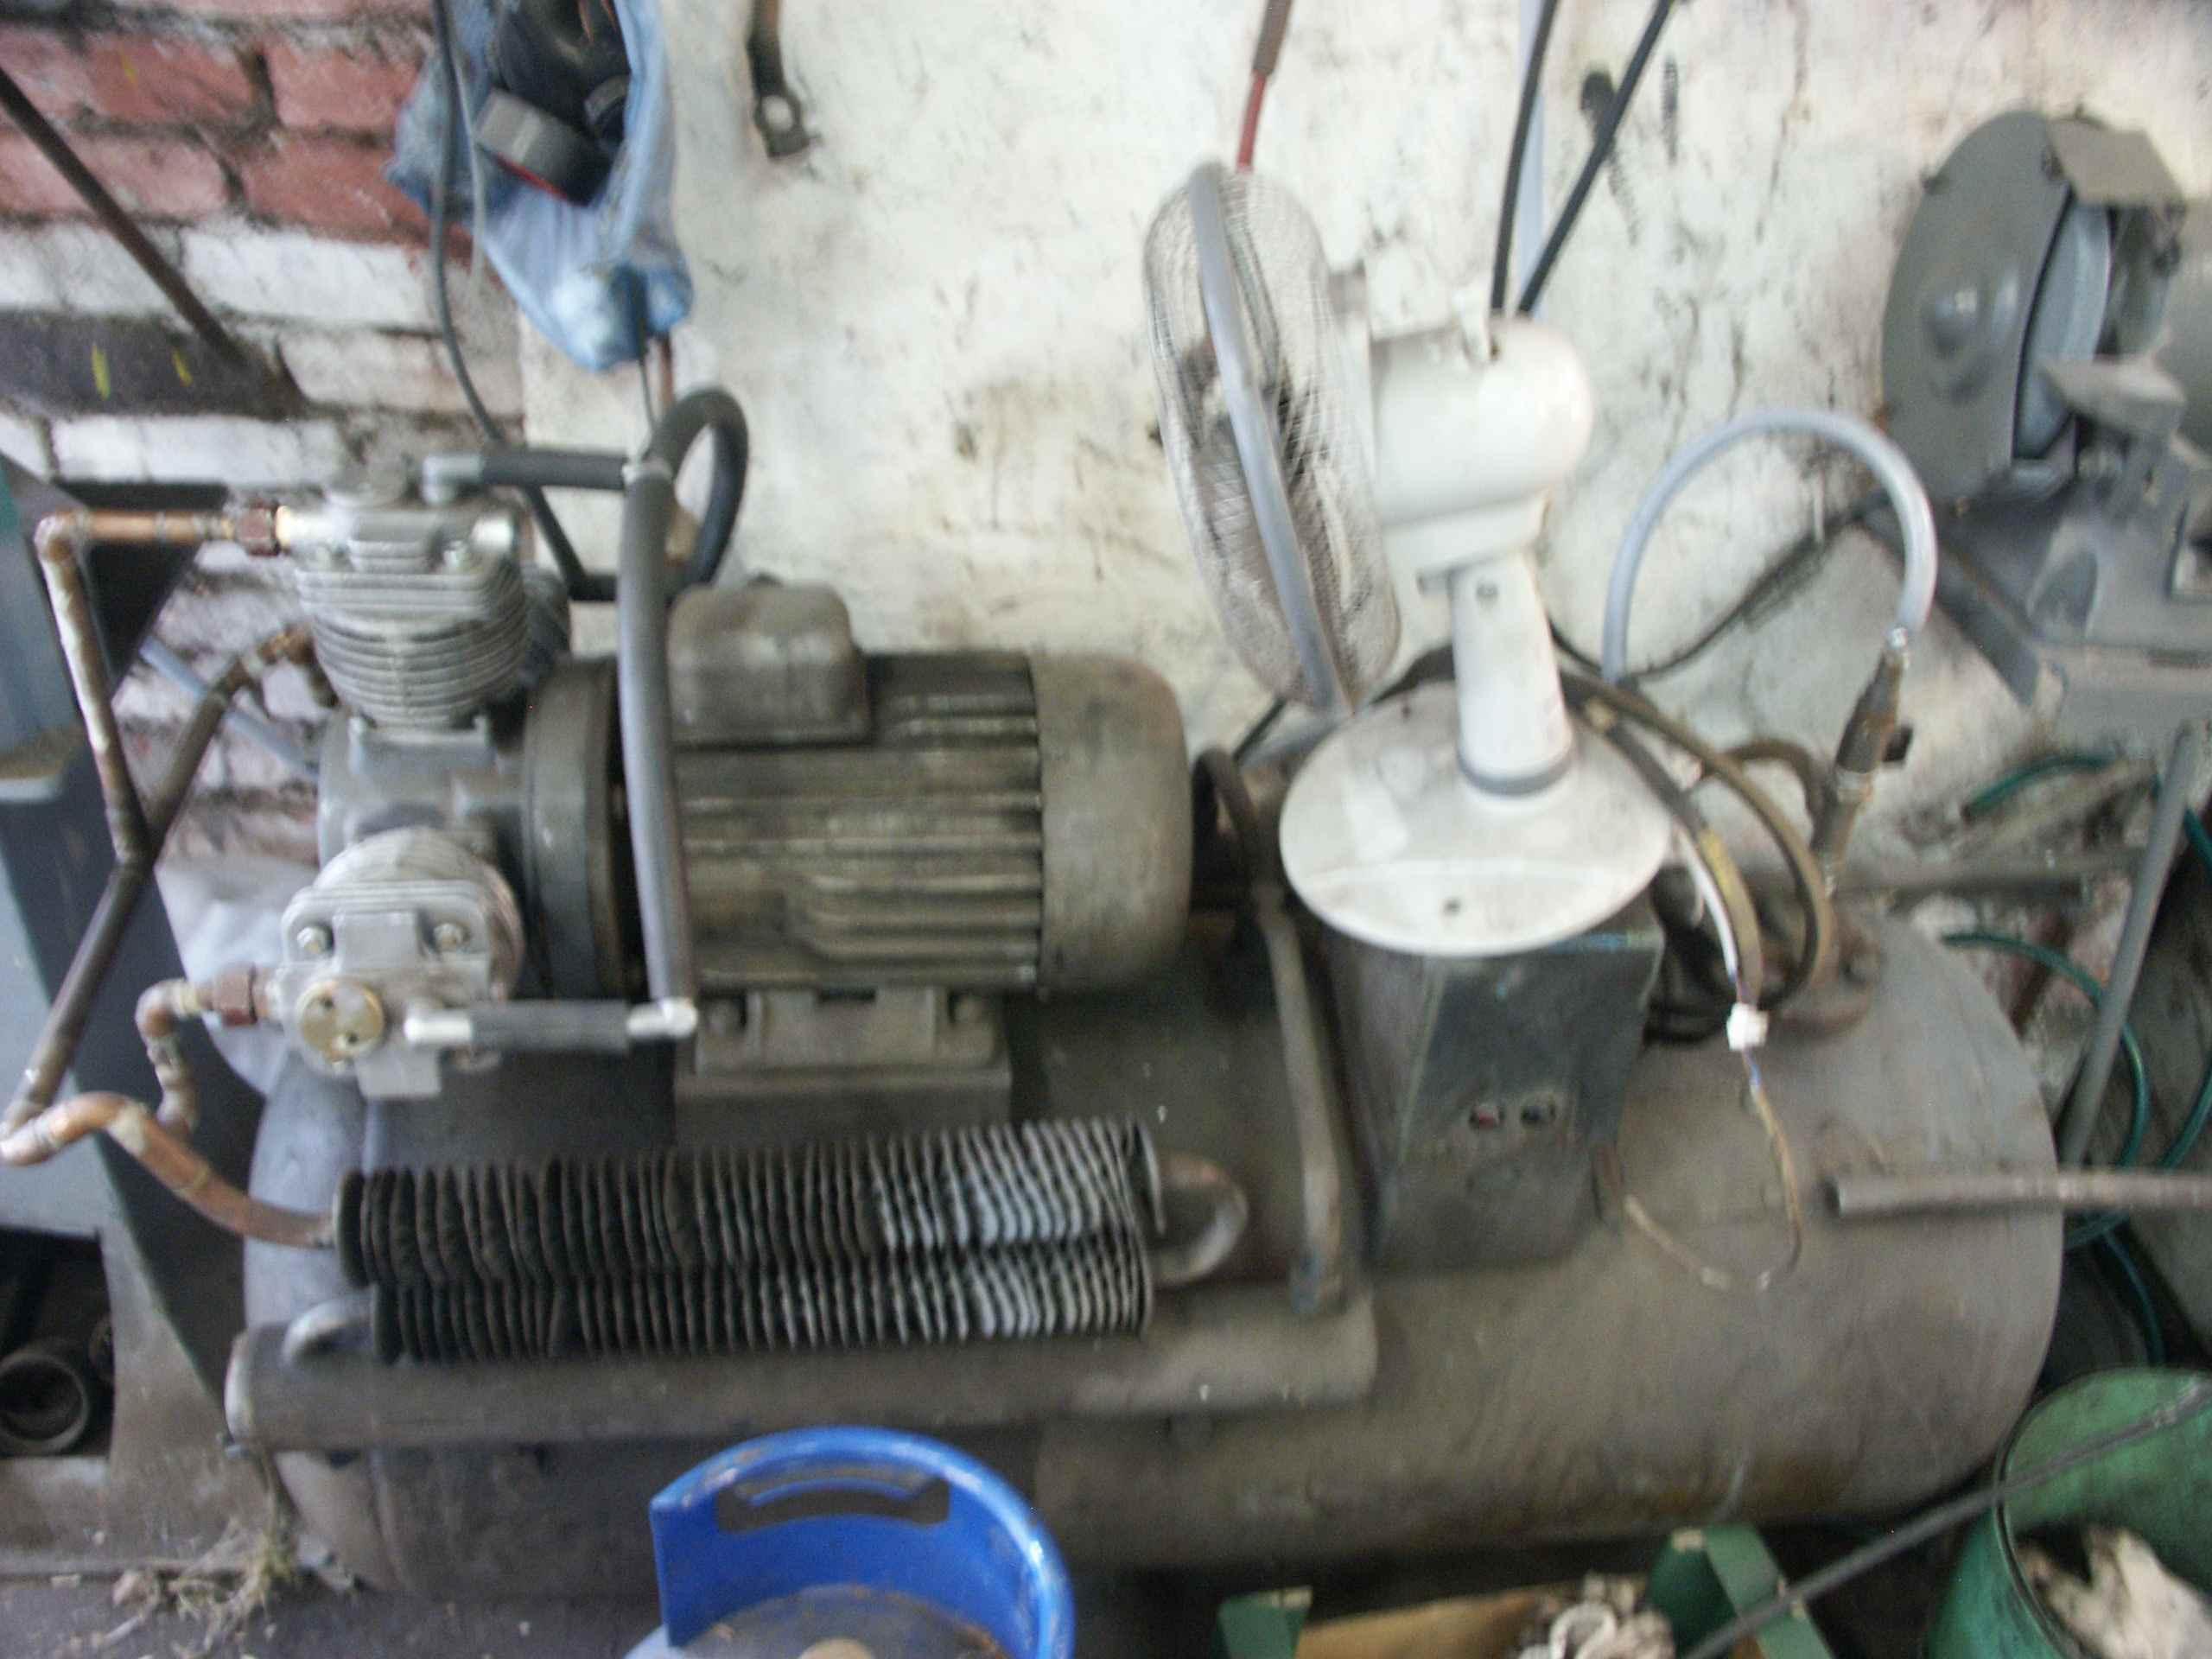 Zaktualizowano Remont sprężarki Aspa 3jw60 - elektroda.pl VX37